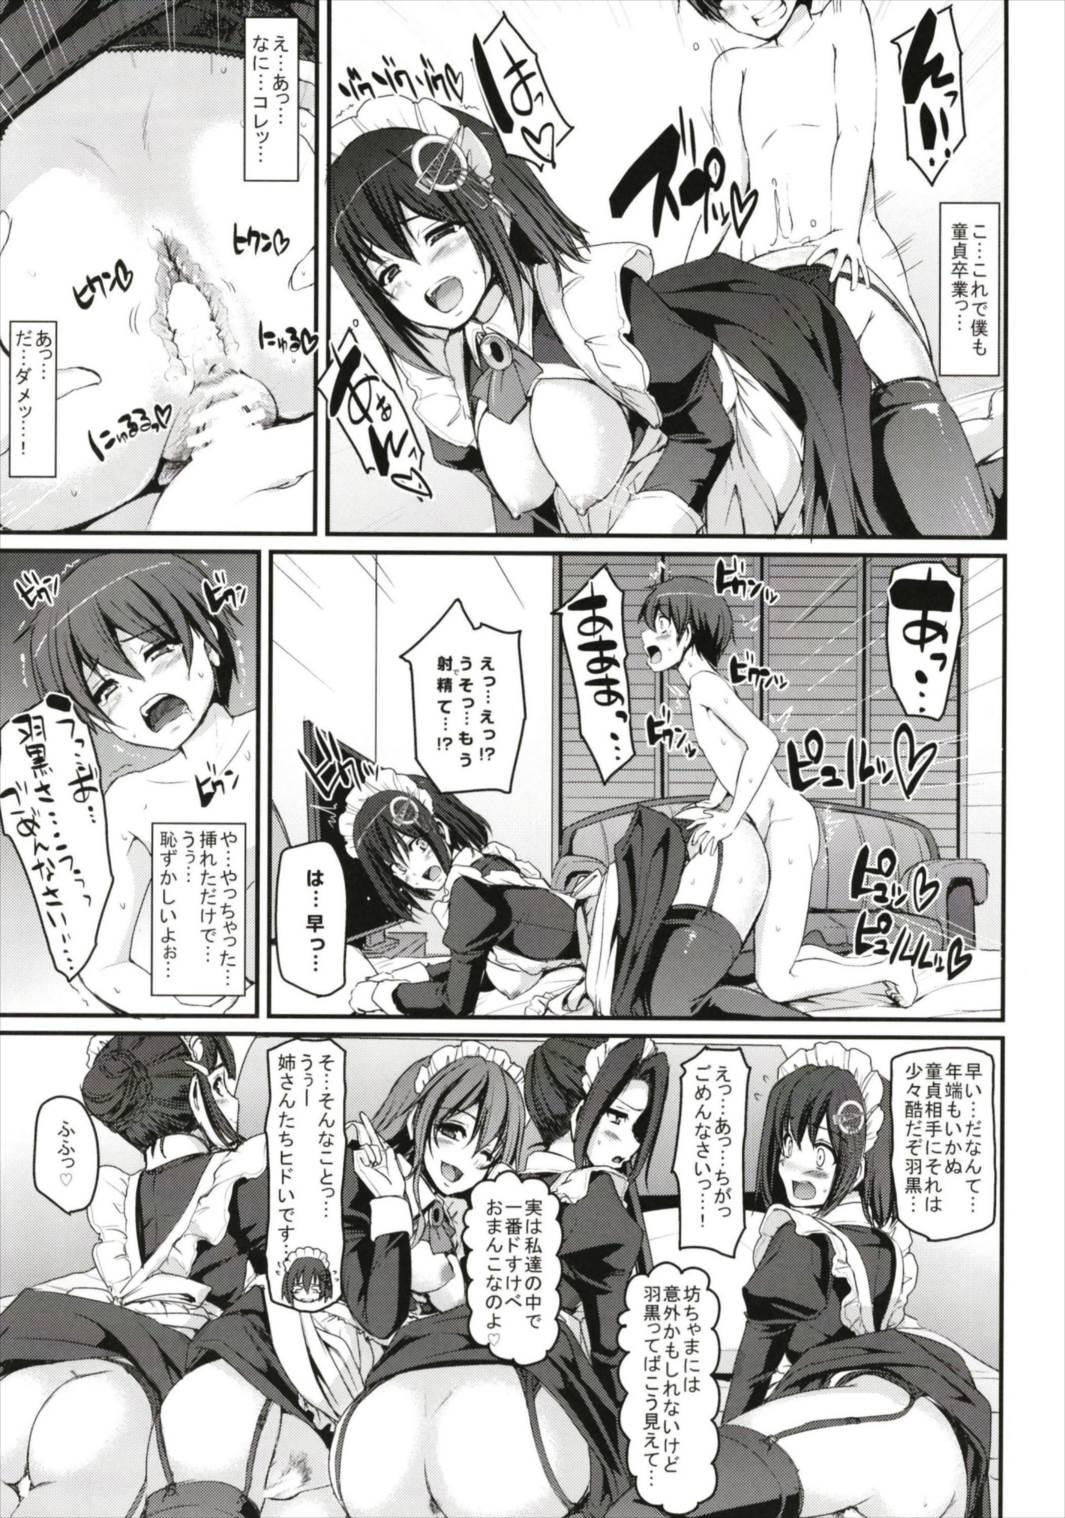 【艦これ エロ漫画・エロ同人】元艦娘の妙高4姉妹の下着を盗んだショタが初めてのセックスを仕込まれてえっちなお仕置きwwwww (18)